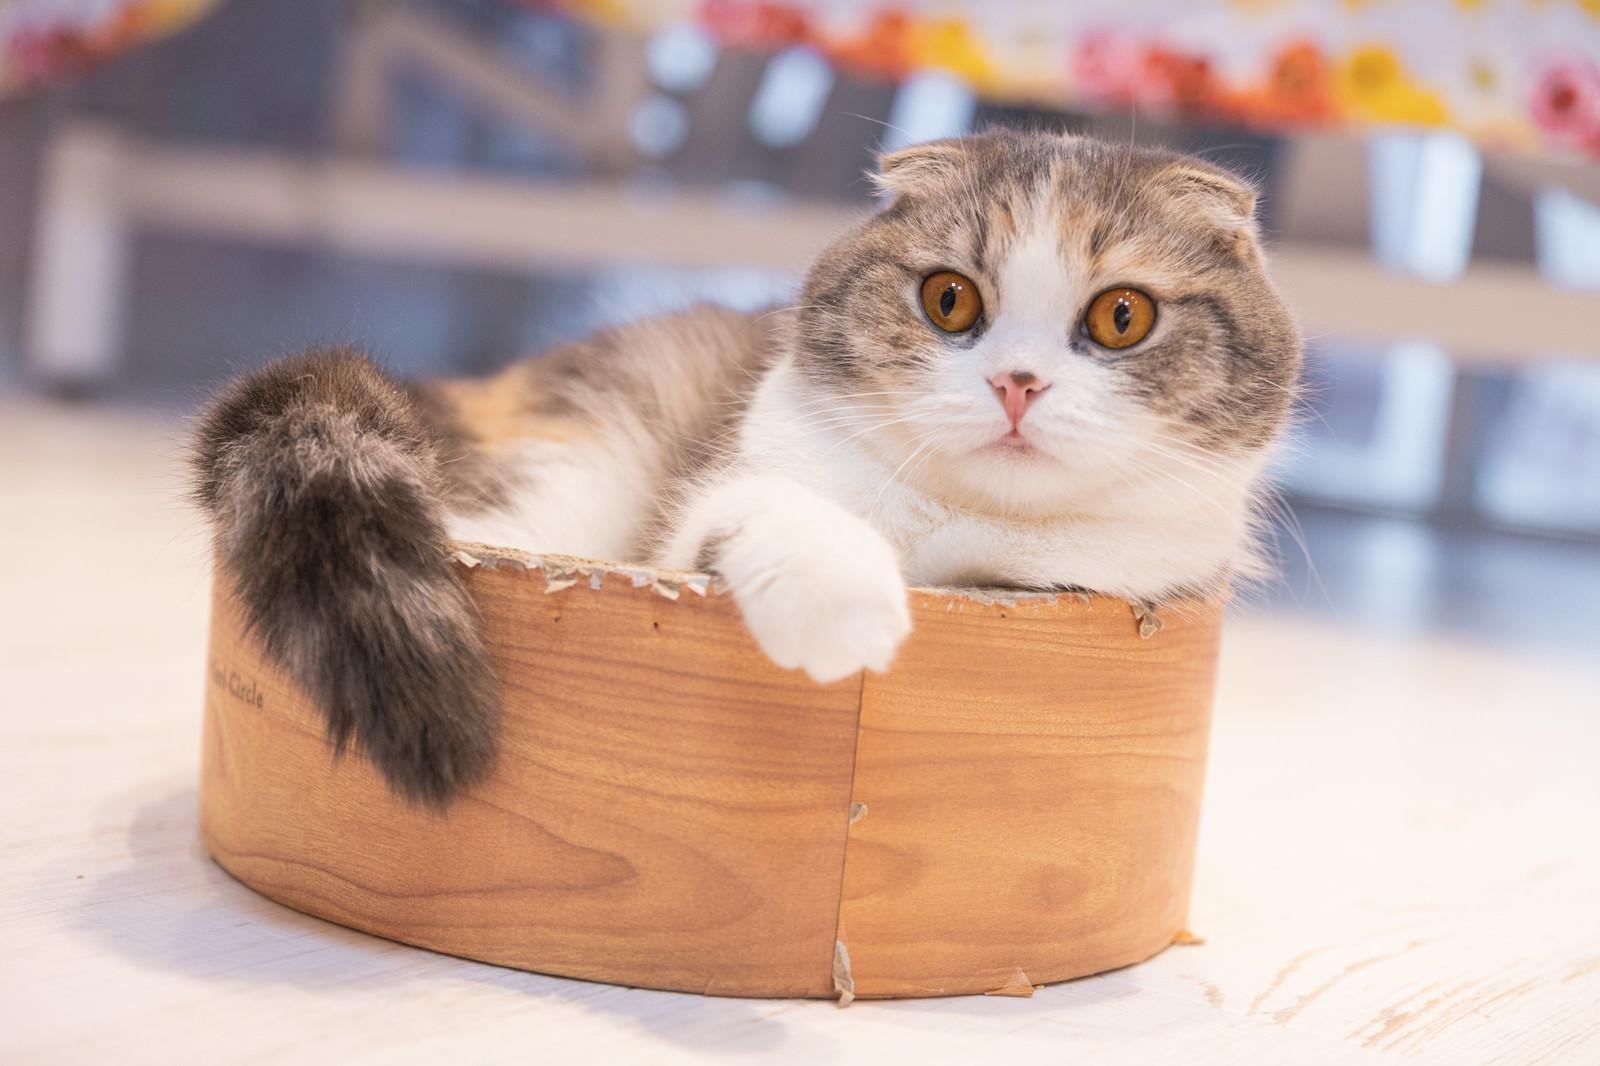 「都市伝説を真に受けるタイプ(猫)」の写真